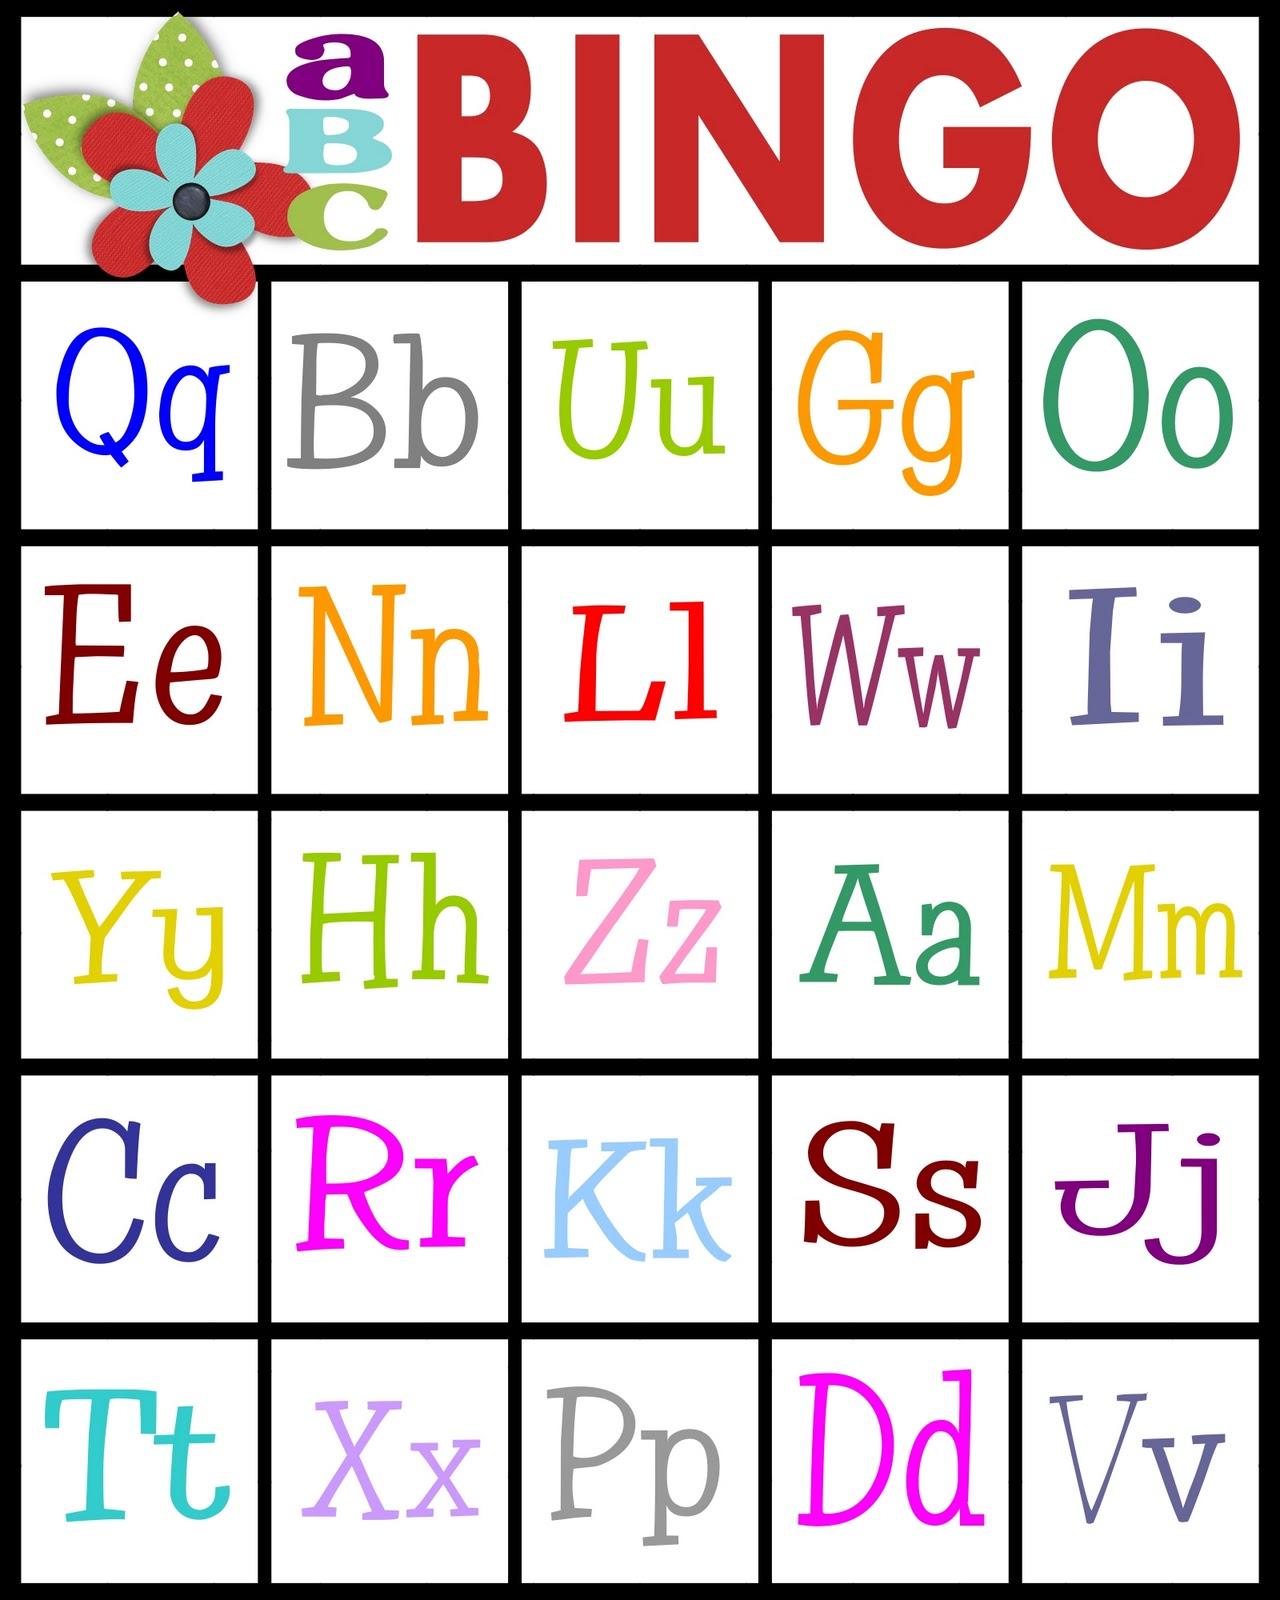 picture regarding Alphabet Bingo Printable referred to as ABCs Bingo- absolutely free printable! - Sy Sanctuary